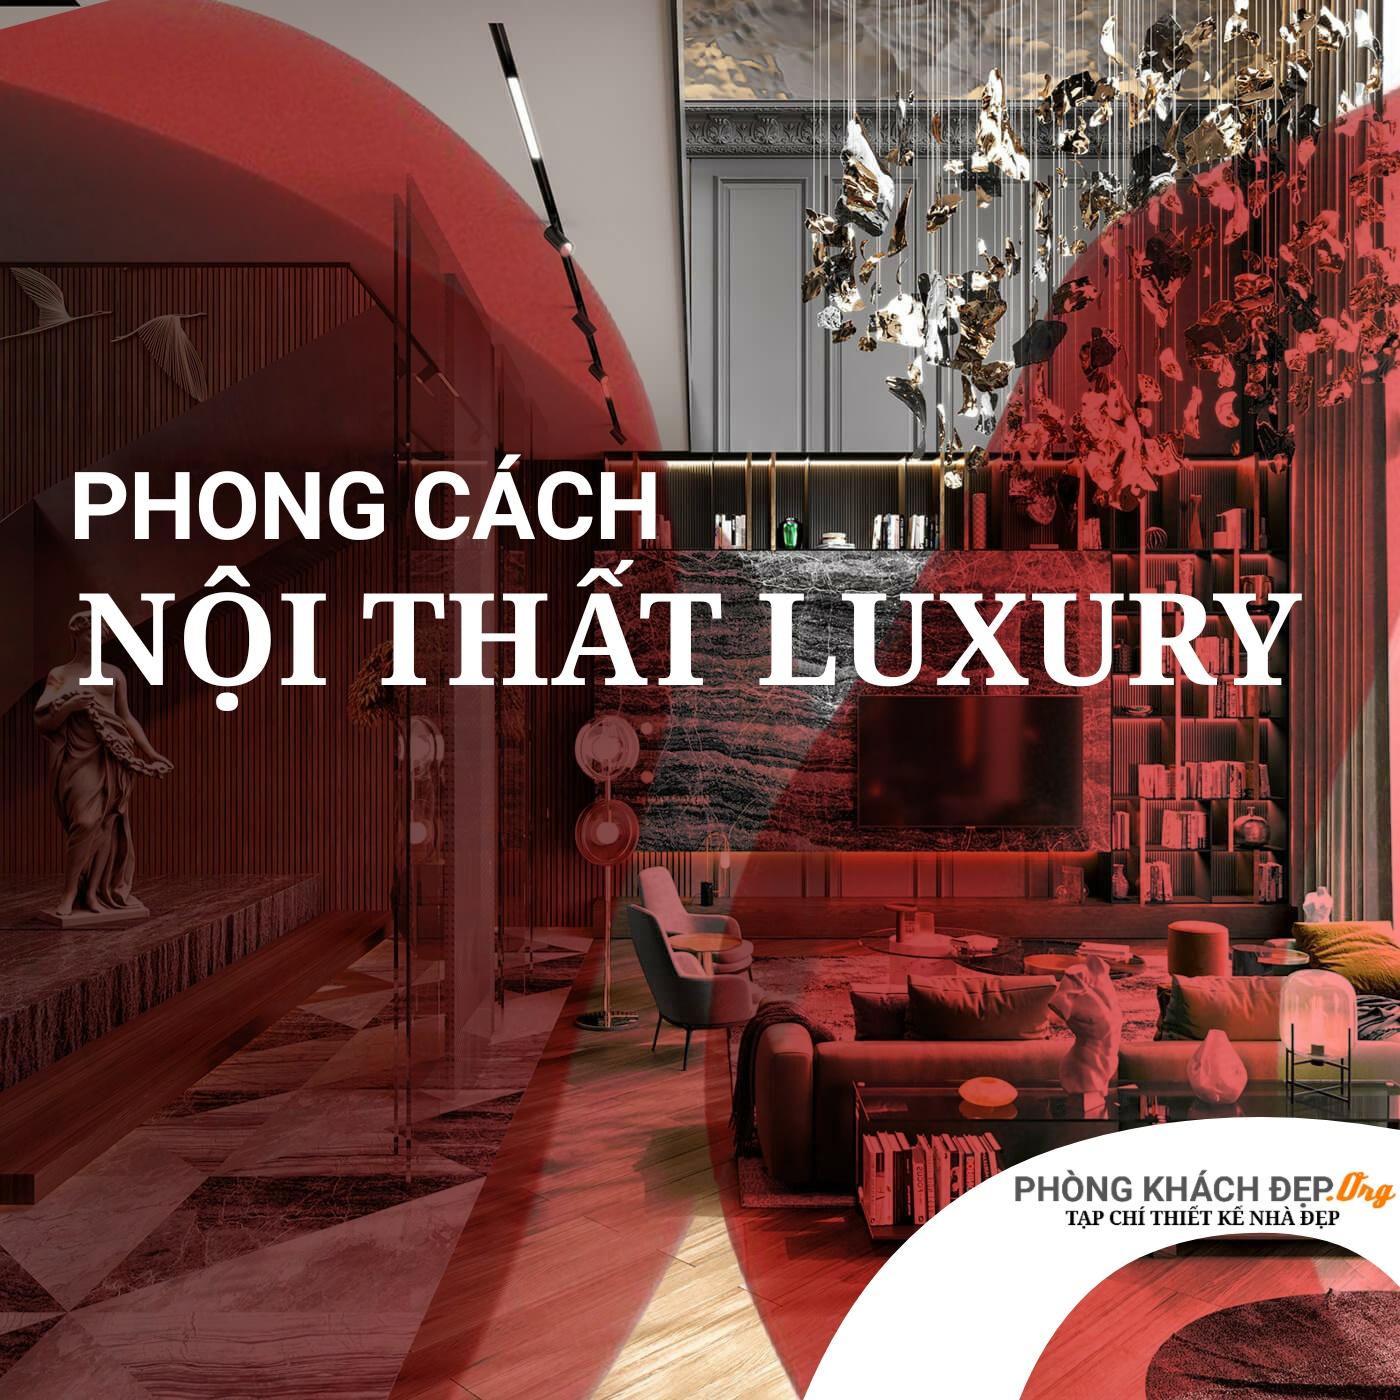 Phong cách nội thất luxury